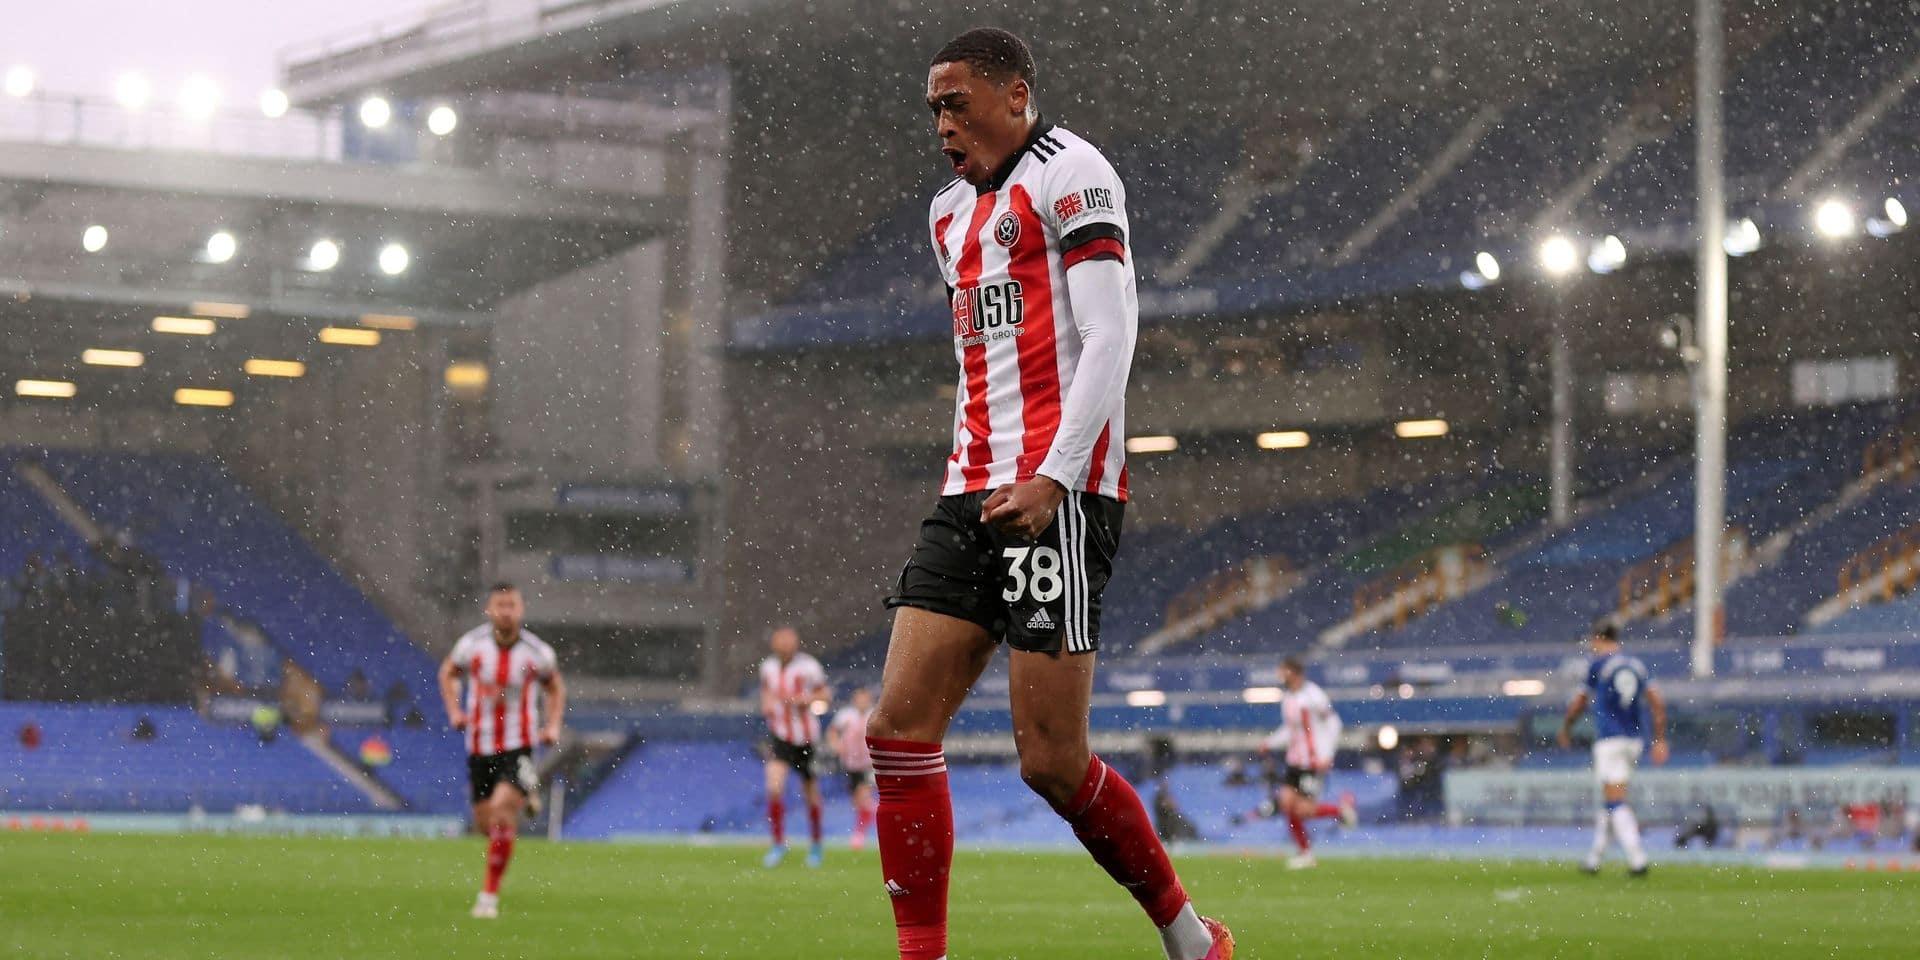 Daniel Jebbison devient le plus jeune titulaire à inscrire un but en Premier League (VIDEO)